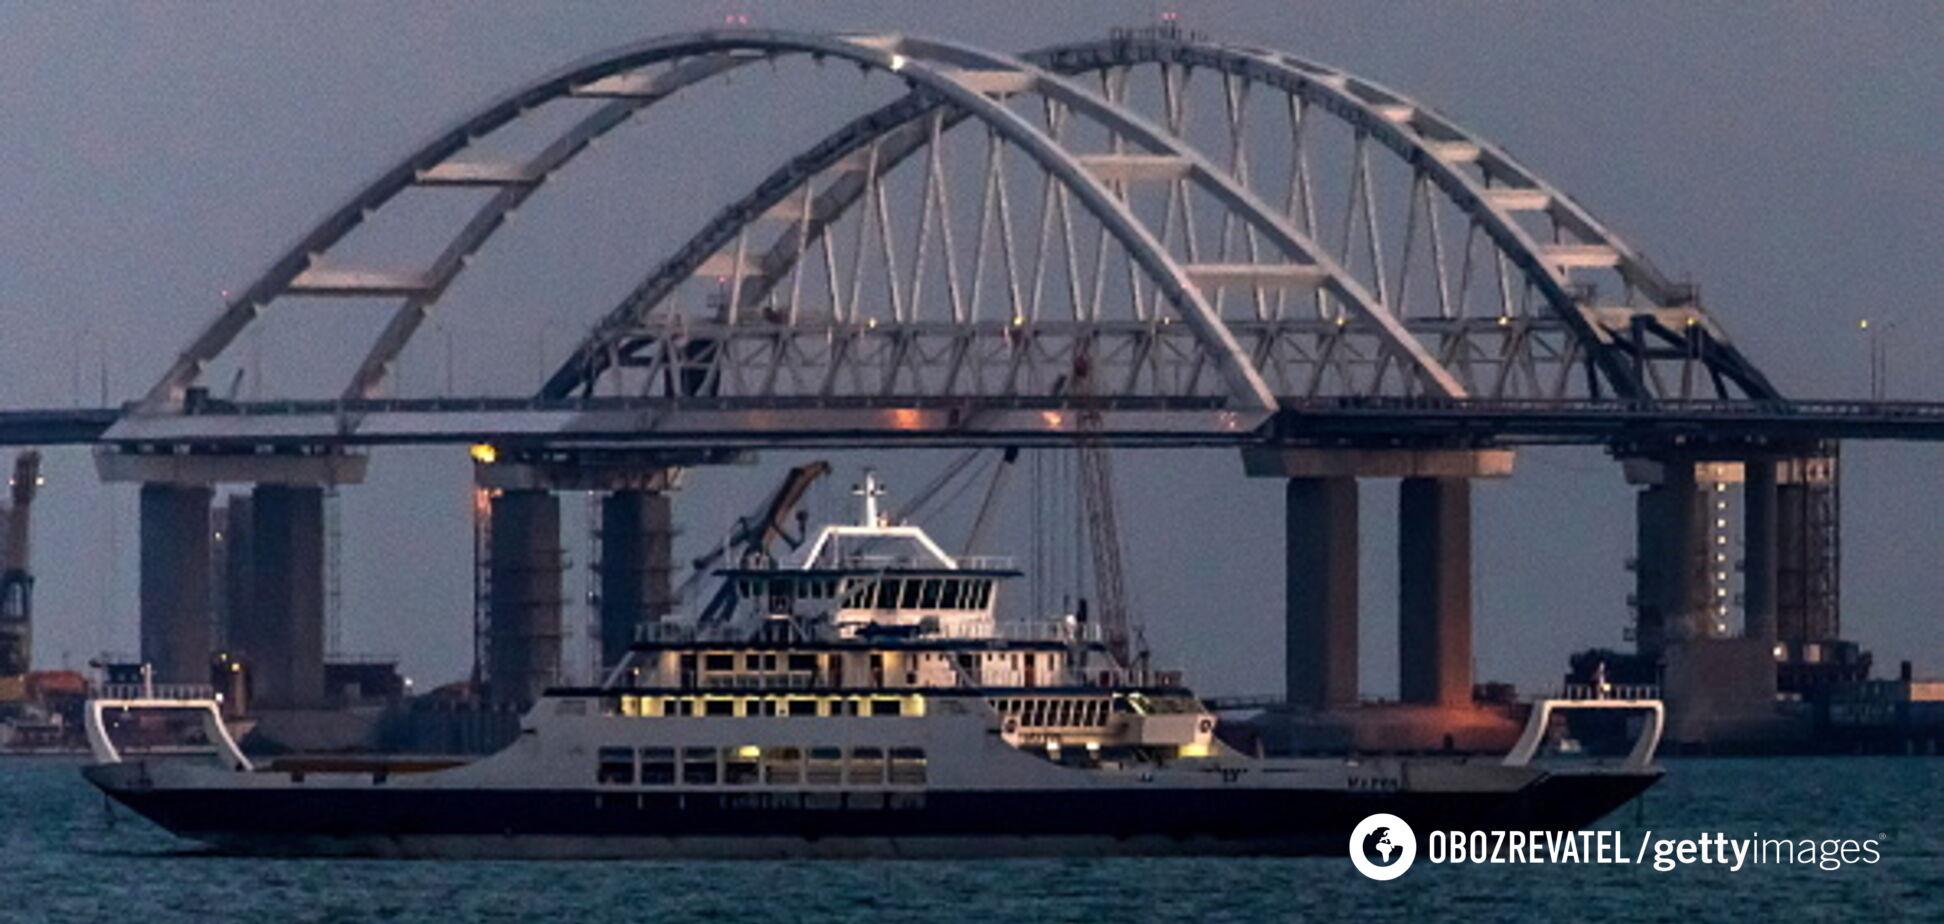 Поки стоїть: у мережу потрапили свіжі фото небезпечного Кримського моста